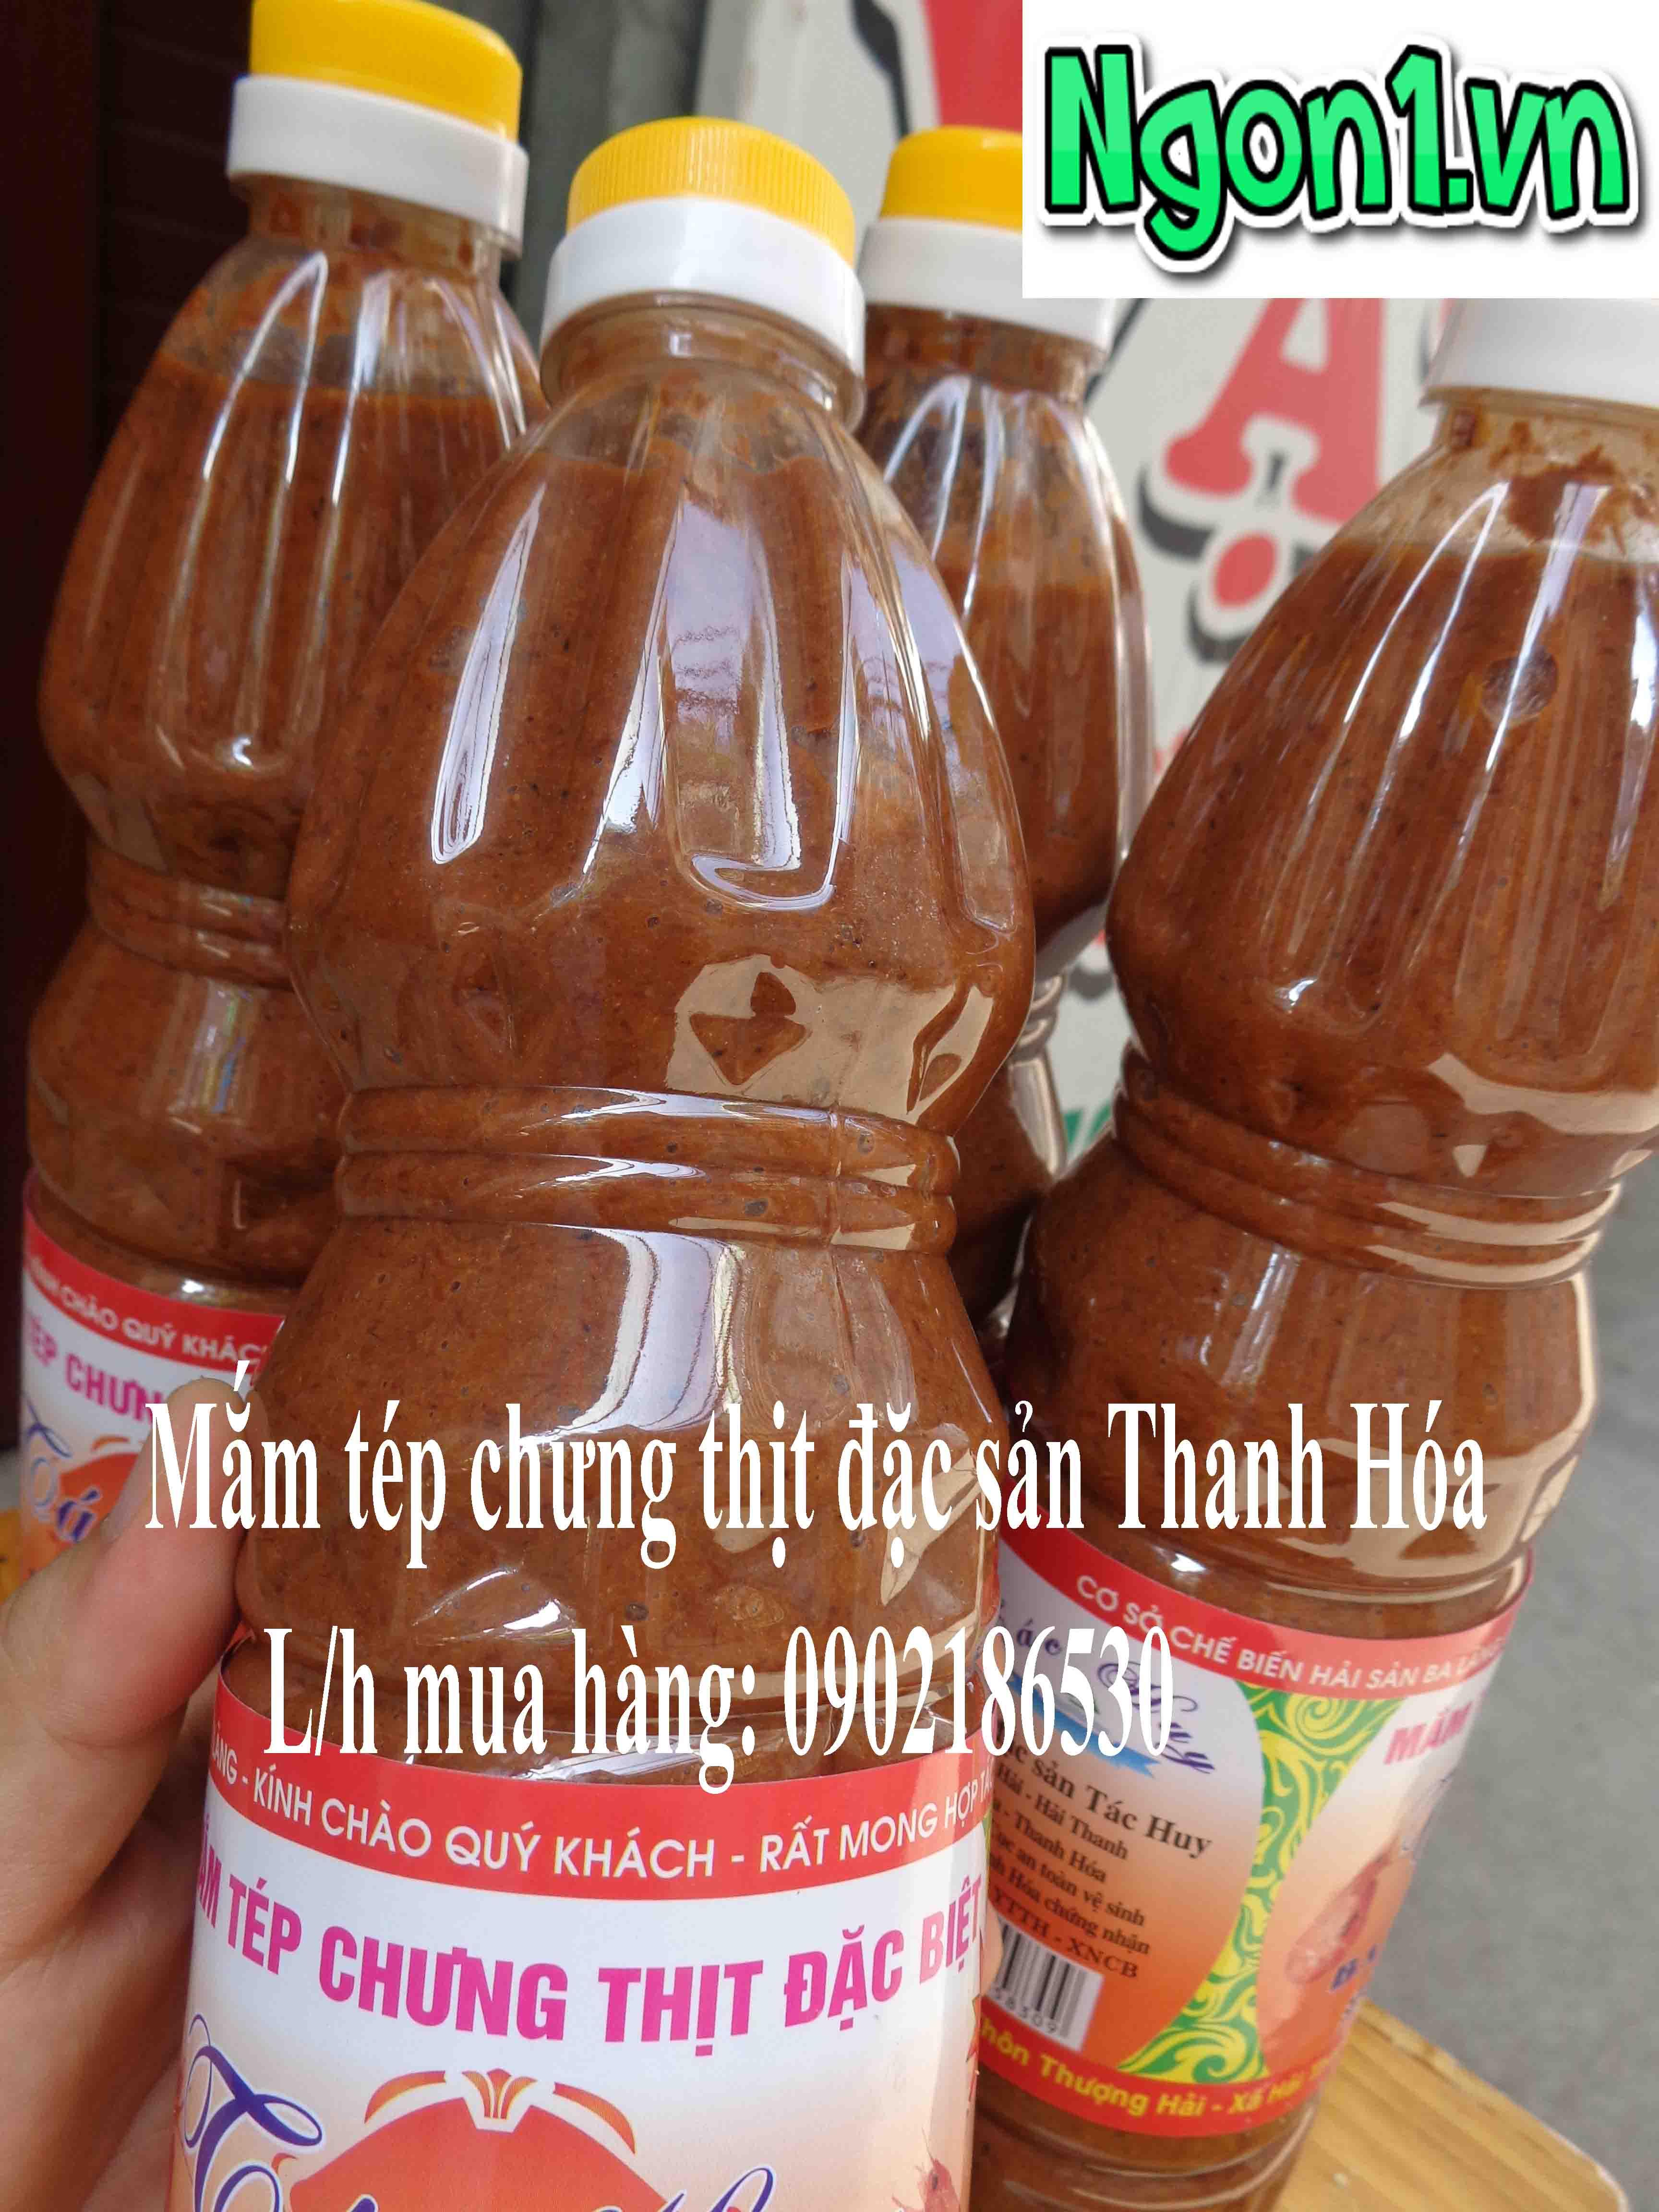 Mắm tép chưng thịt đặc sản Thanh Hóa (chai 1l)